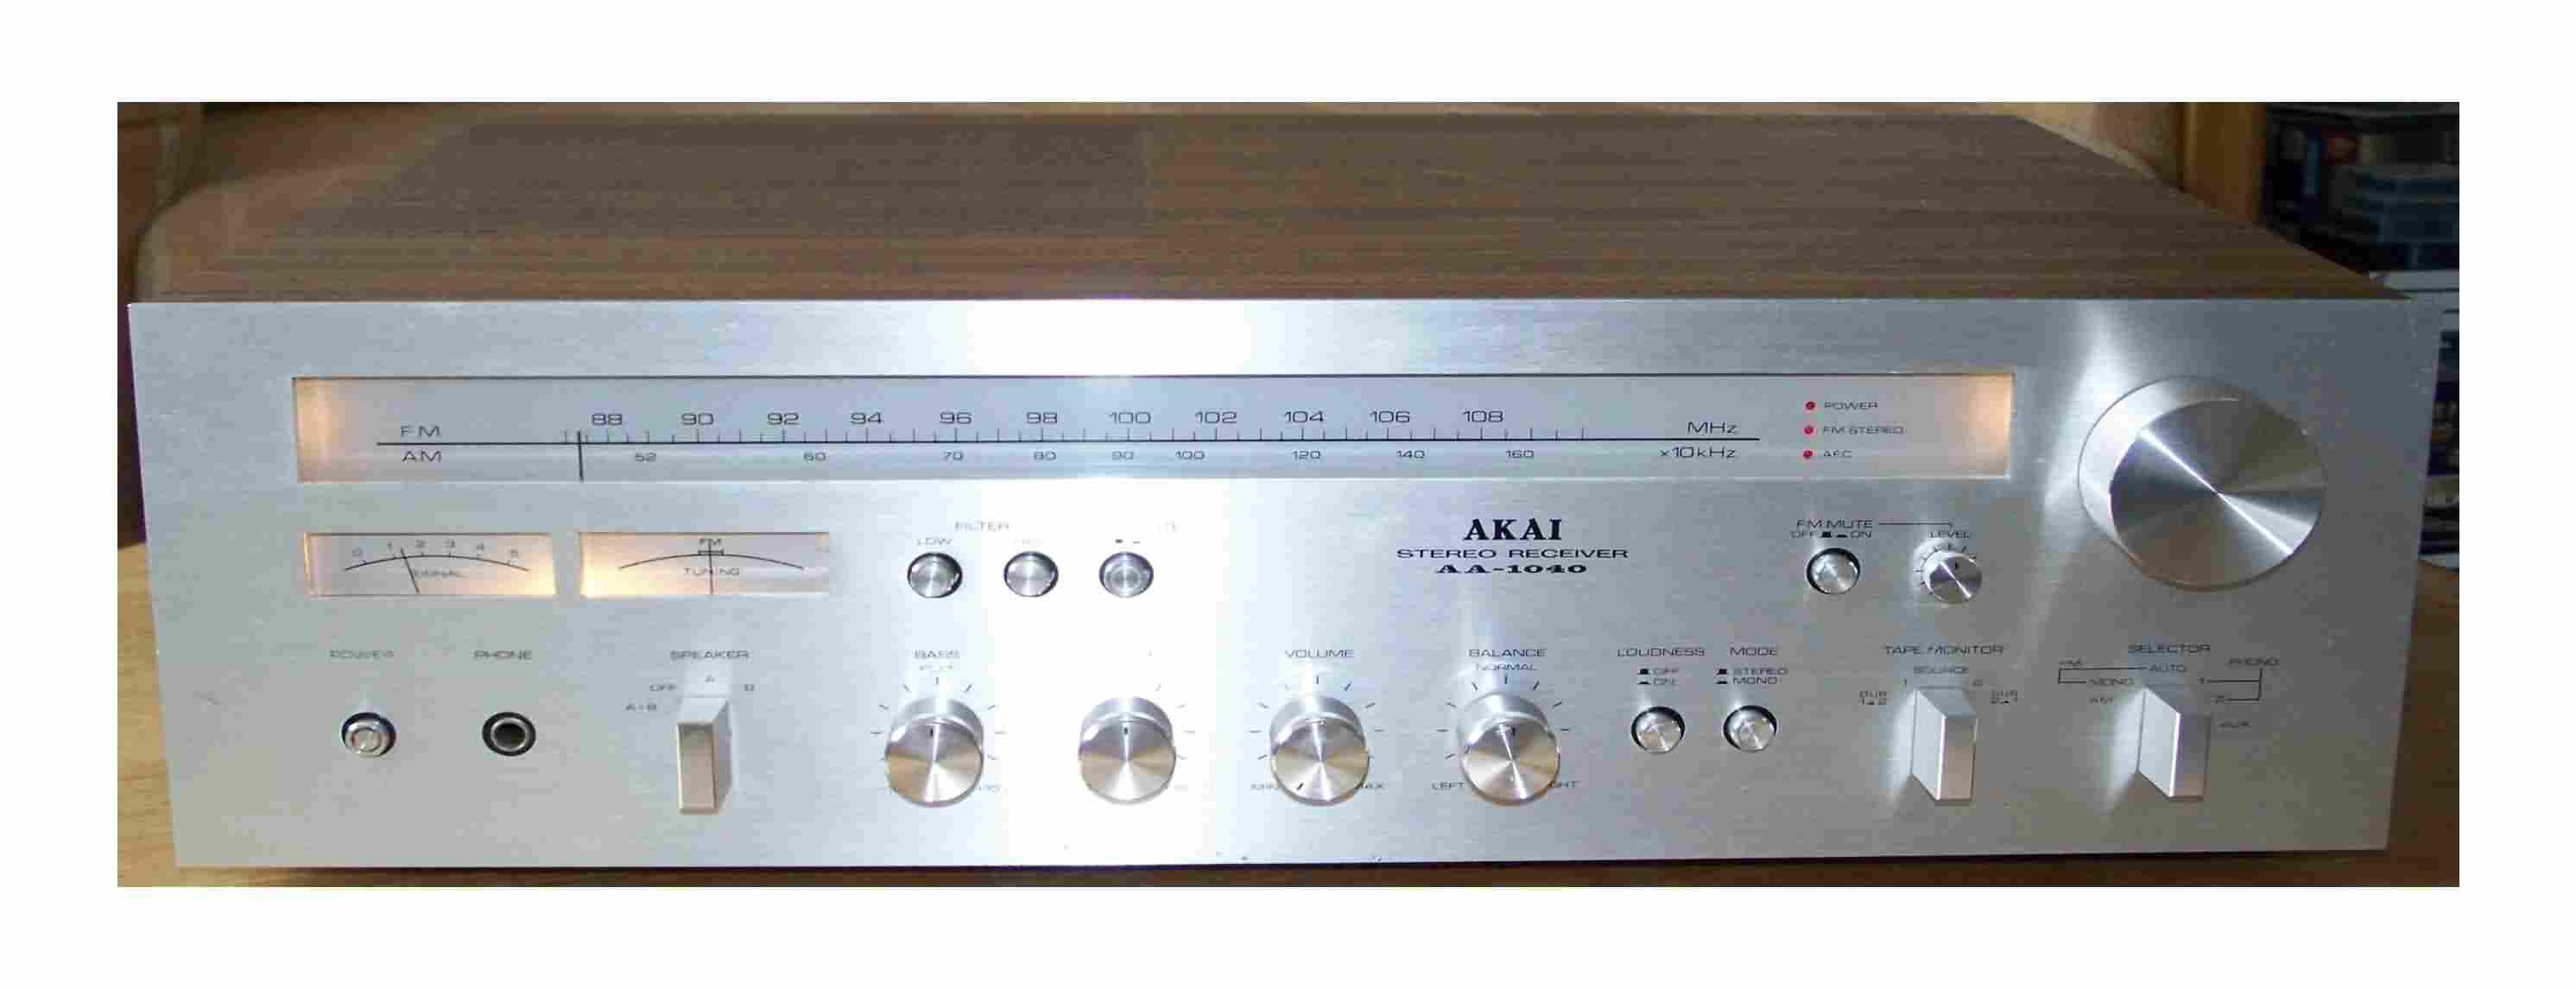 Akai AA-1040